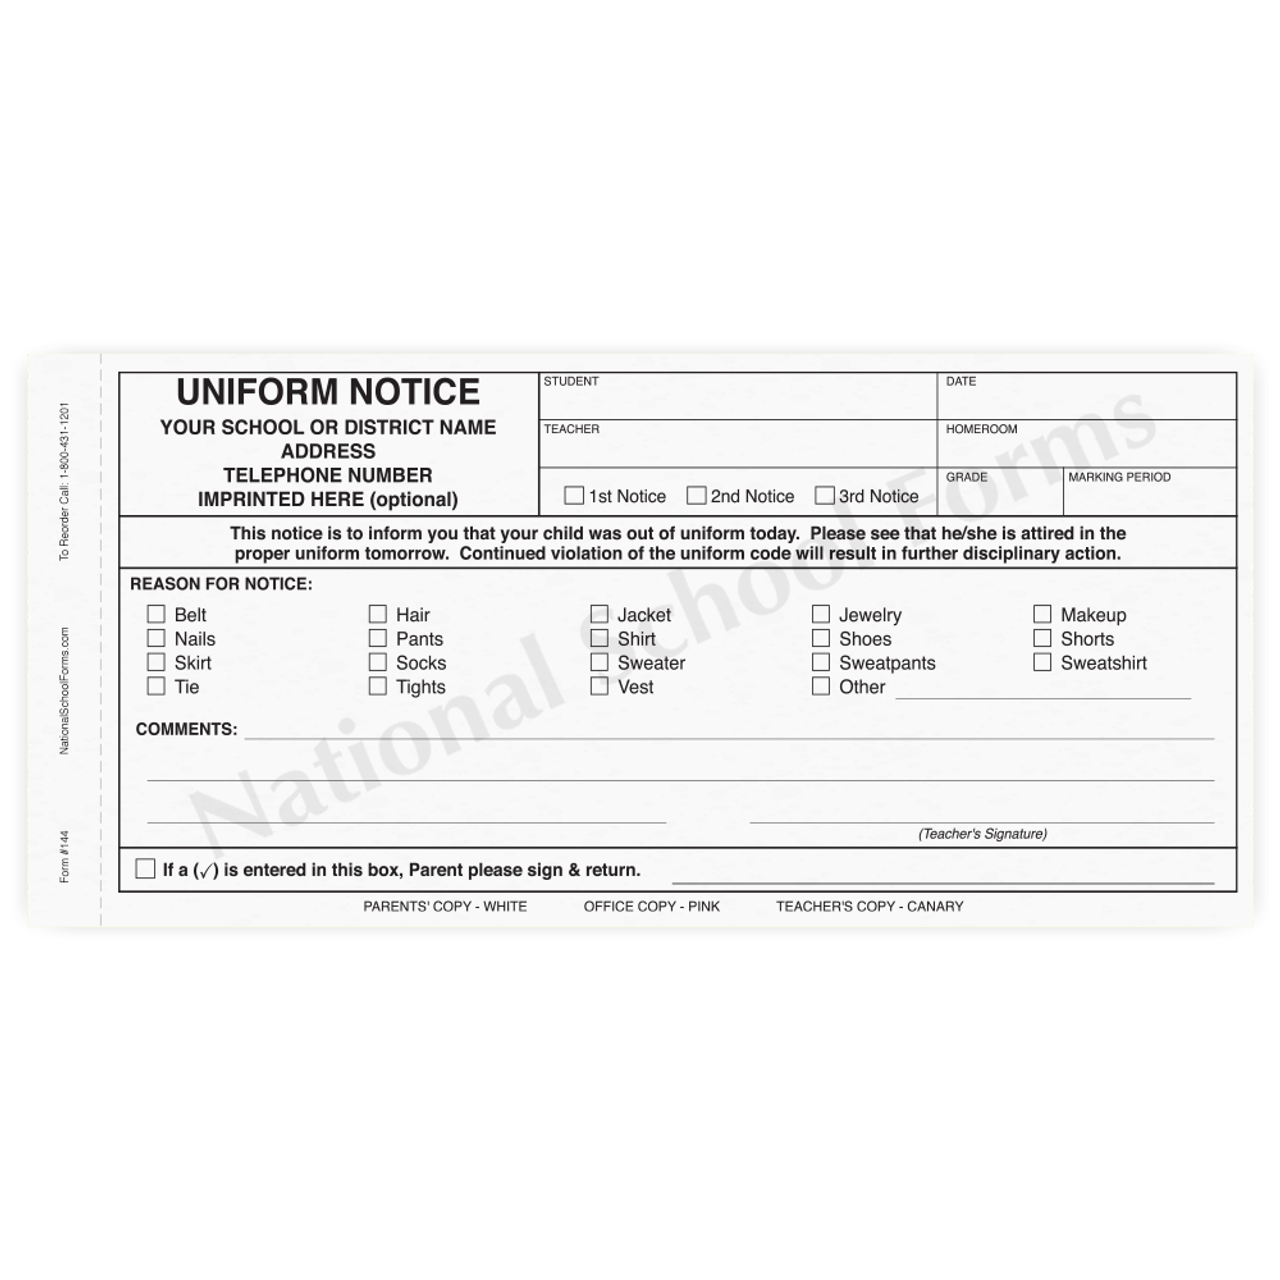 Uniform Notice (144) - 3 part carbonless form with optional Imprint